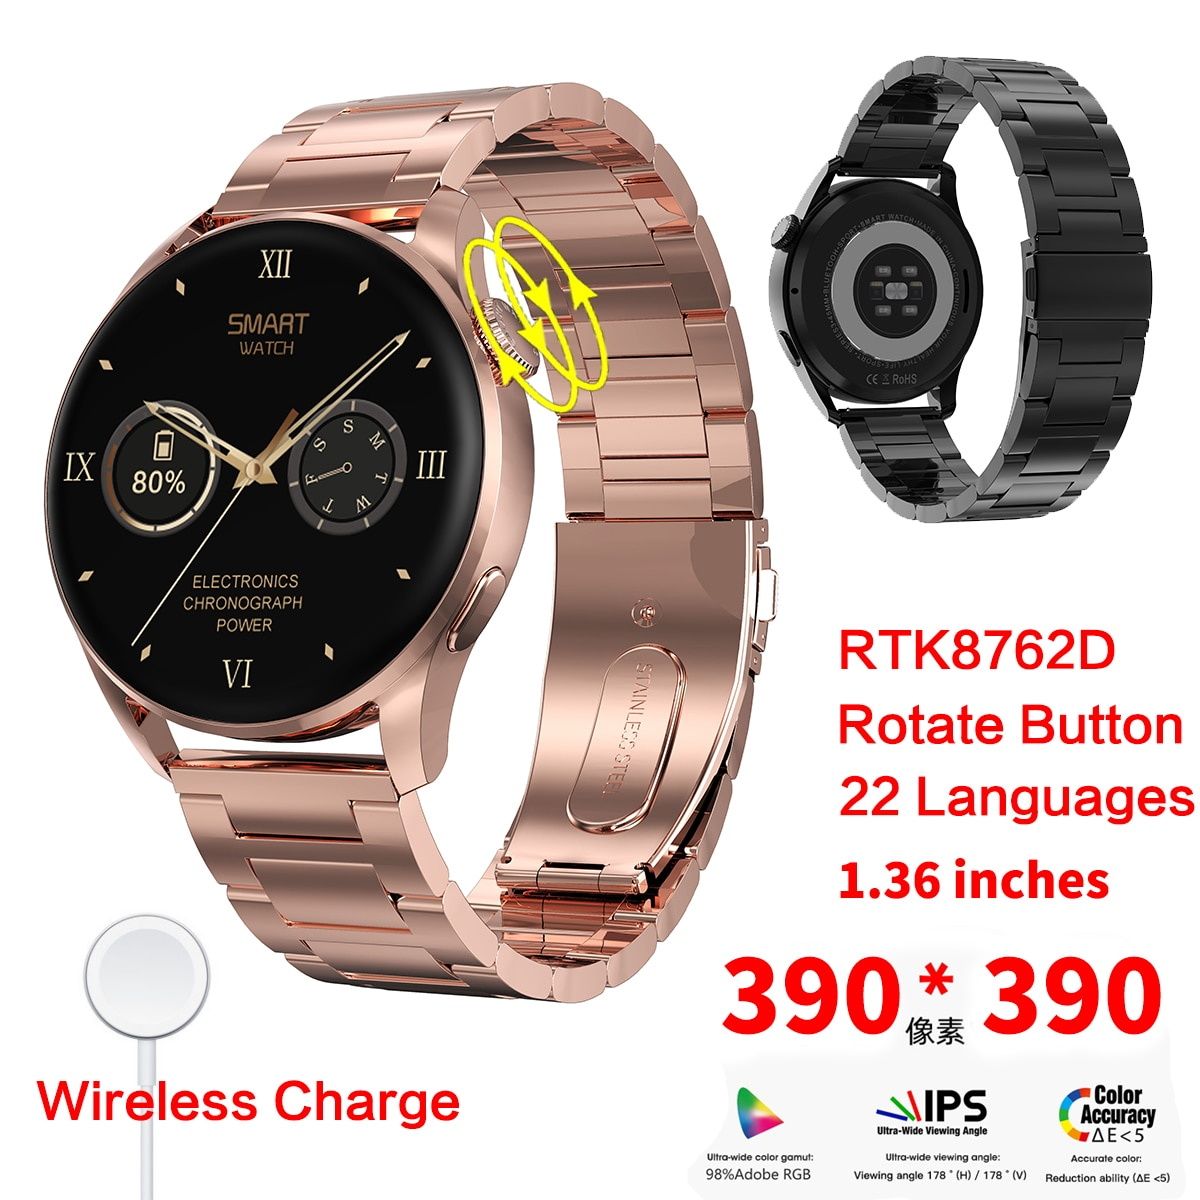 Smartwatch DT3